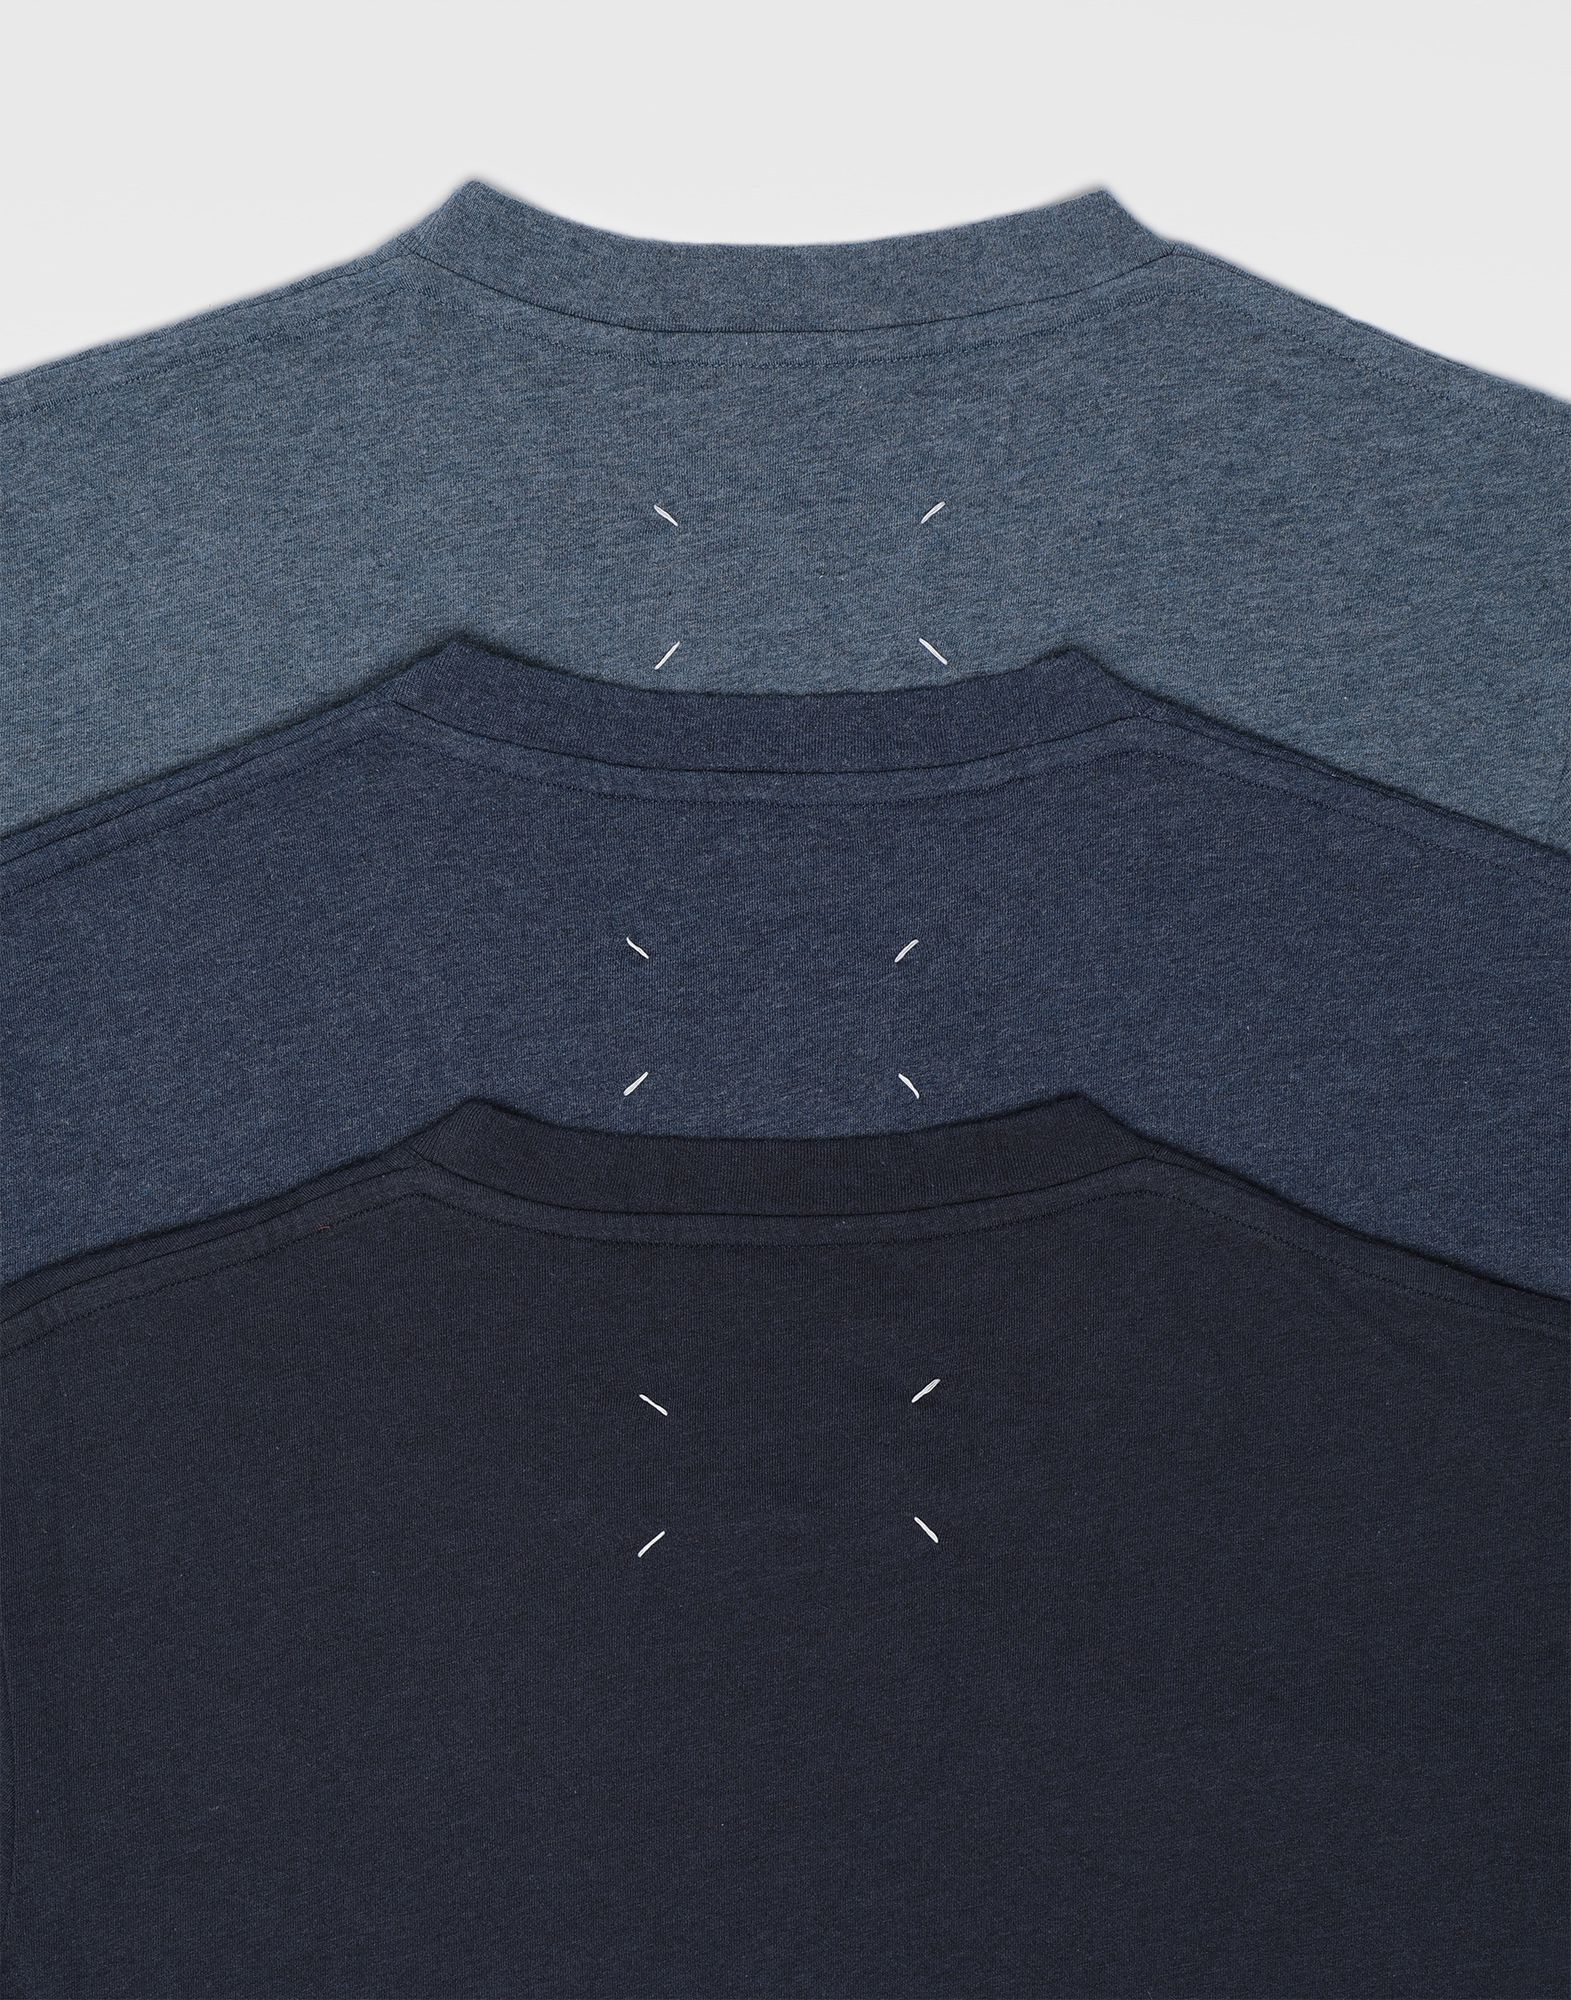 MAISON MARGIELA 3er Pack T-Shirts Stereotype Kurzärmliges T-Shirt Herren a